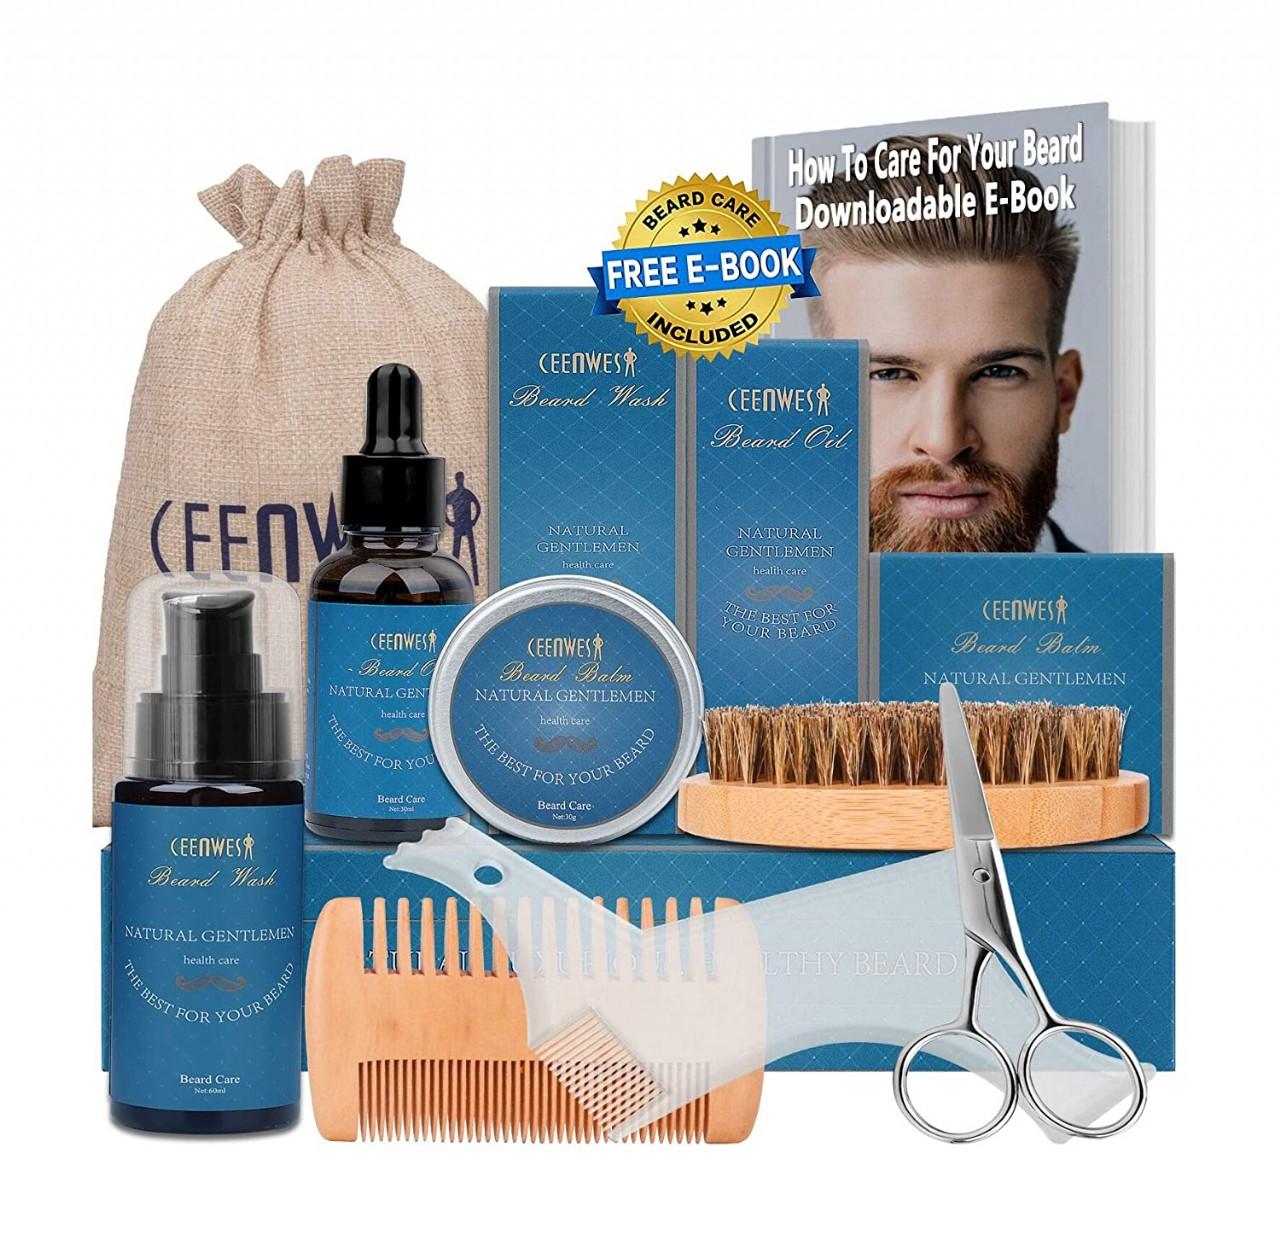 10 in 1 Beard Grooming Kit for Beard Care Unique Gifts for Men, Beard Oil, Beard Brush, Beard Comb